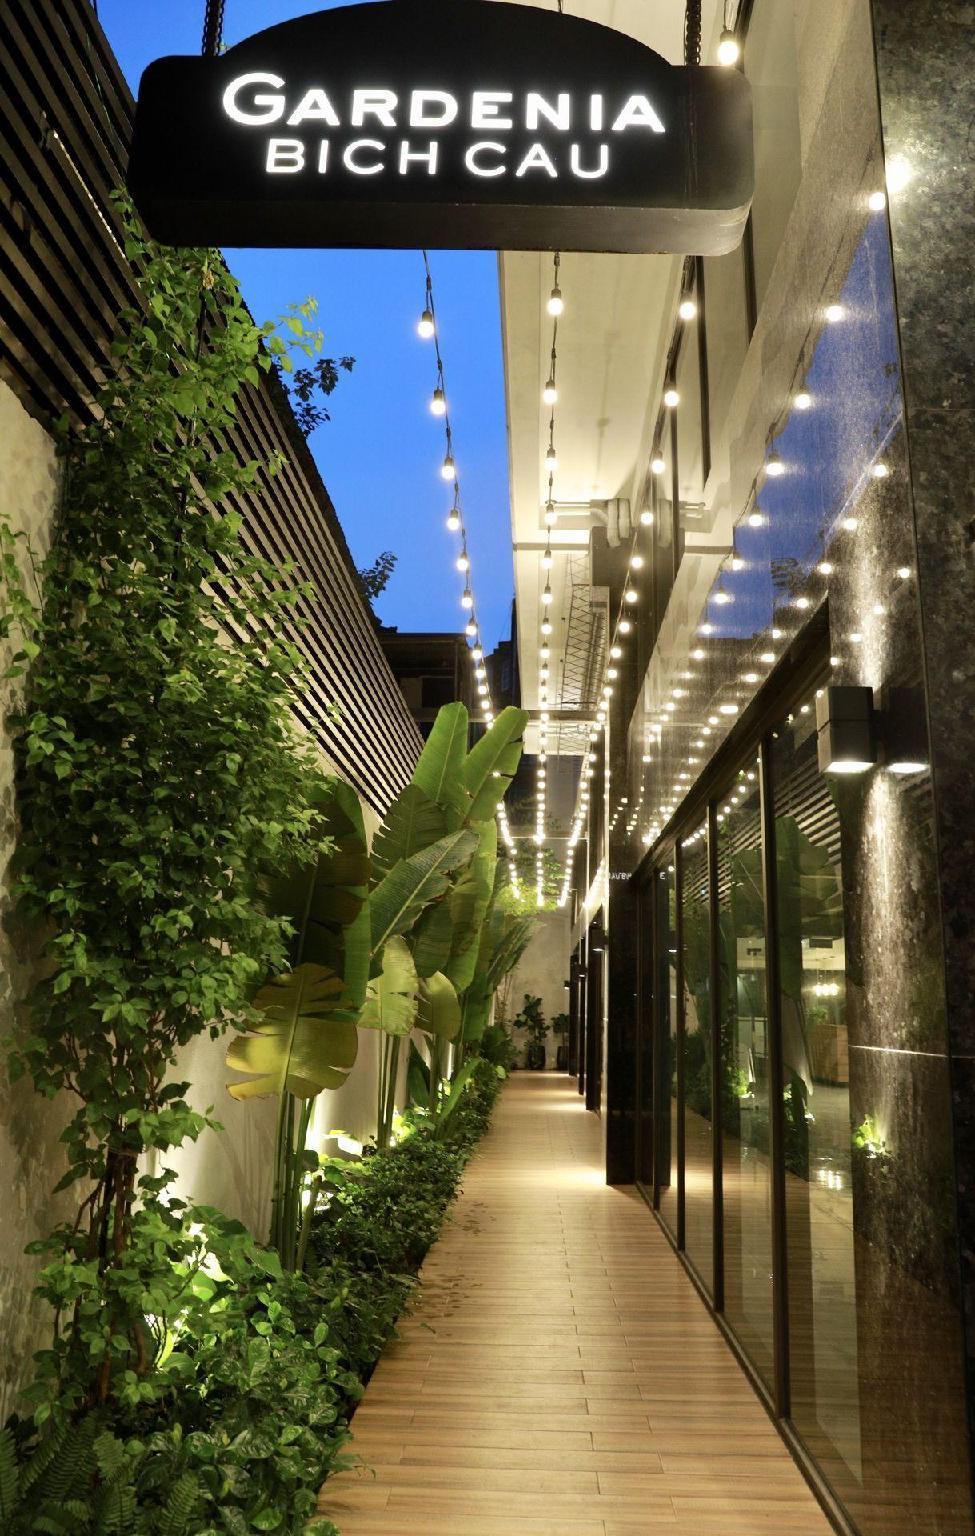 Gardenia Serviced Apartment   48 Bich Cau